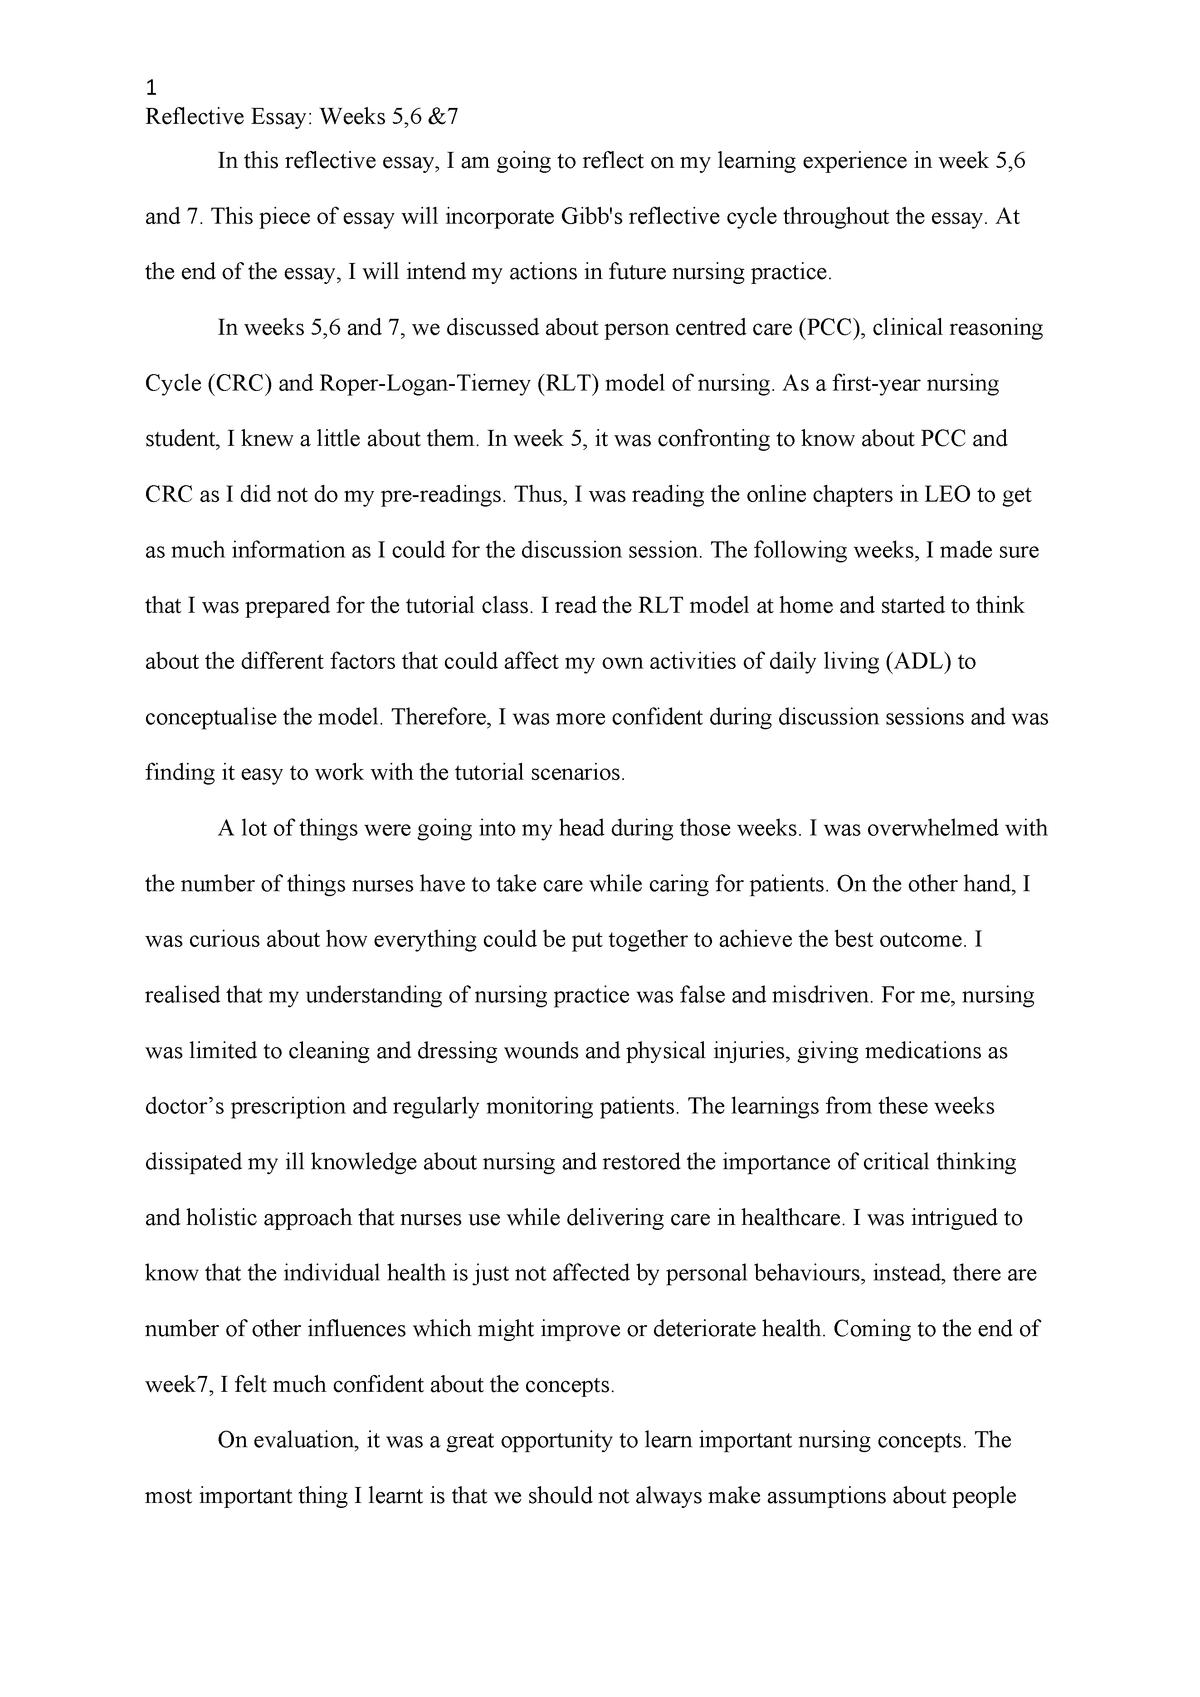 Reflective essay - nrsg137 Nrsg137 - ACU - StuDocu